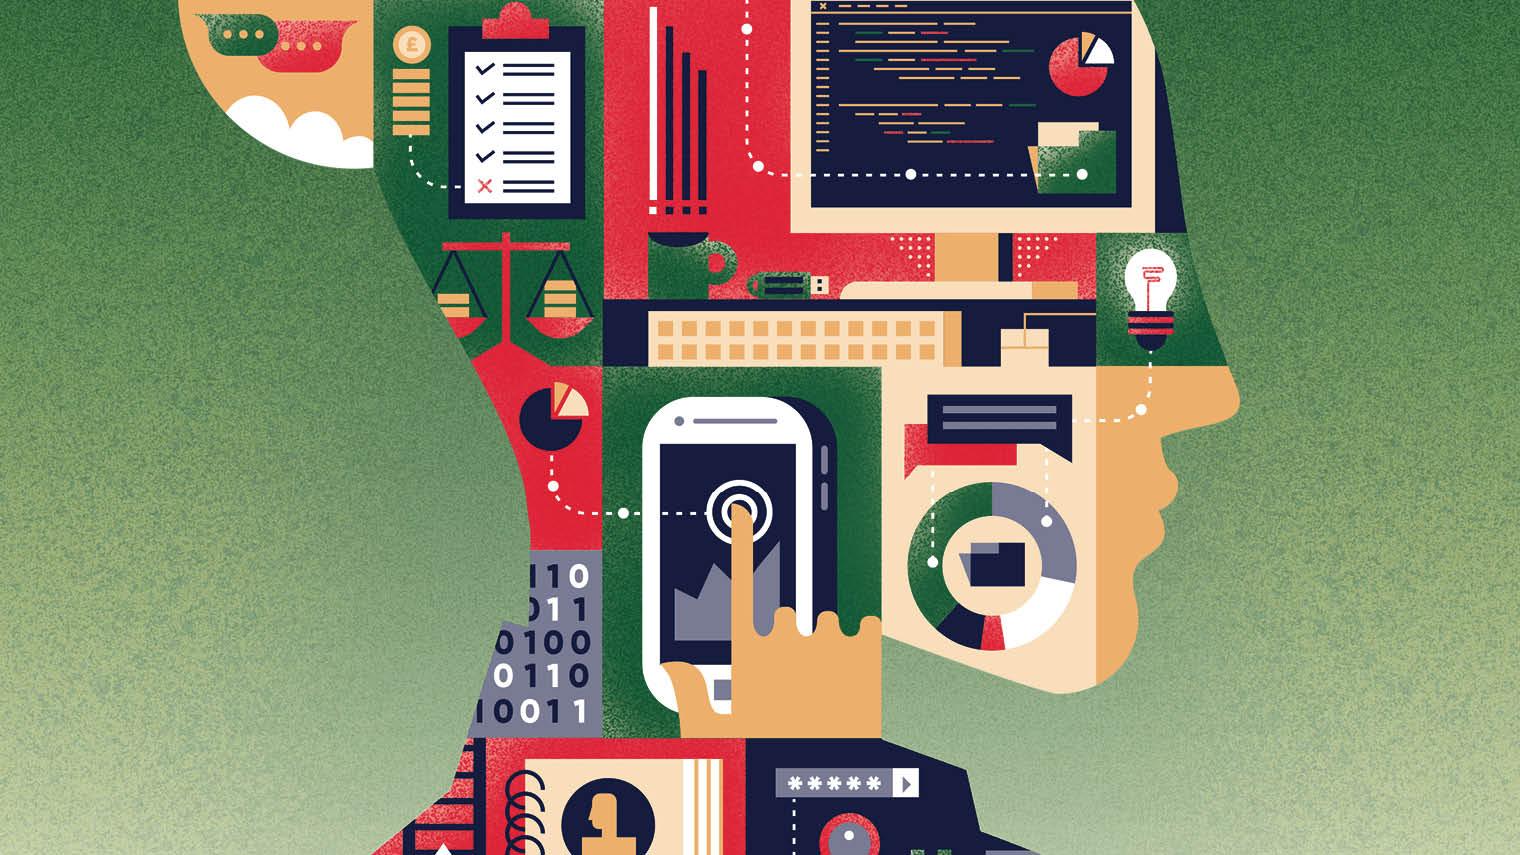 Future CIO cover illustration